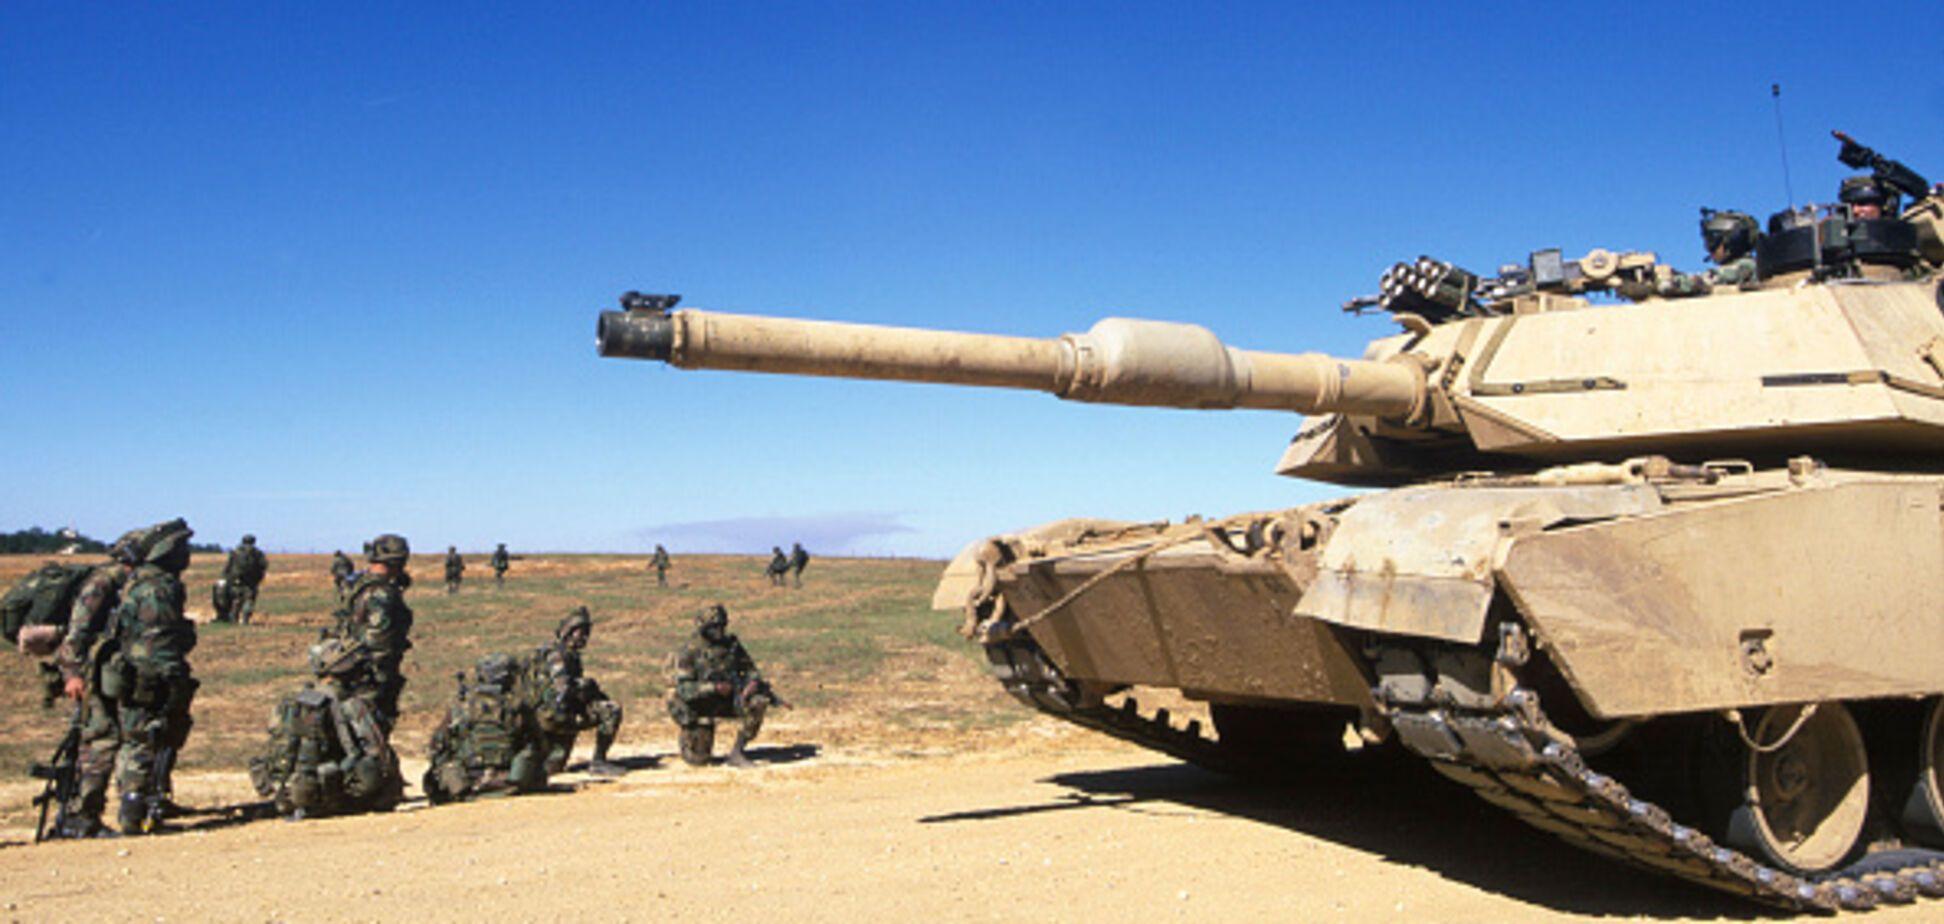 Российский Т-90 против американского Abrams: кто победит в танковой схватке